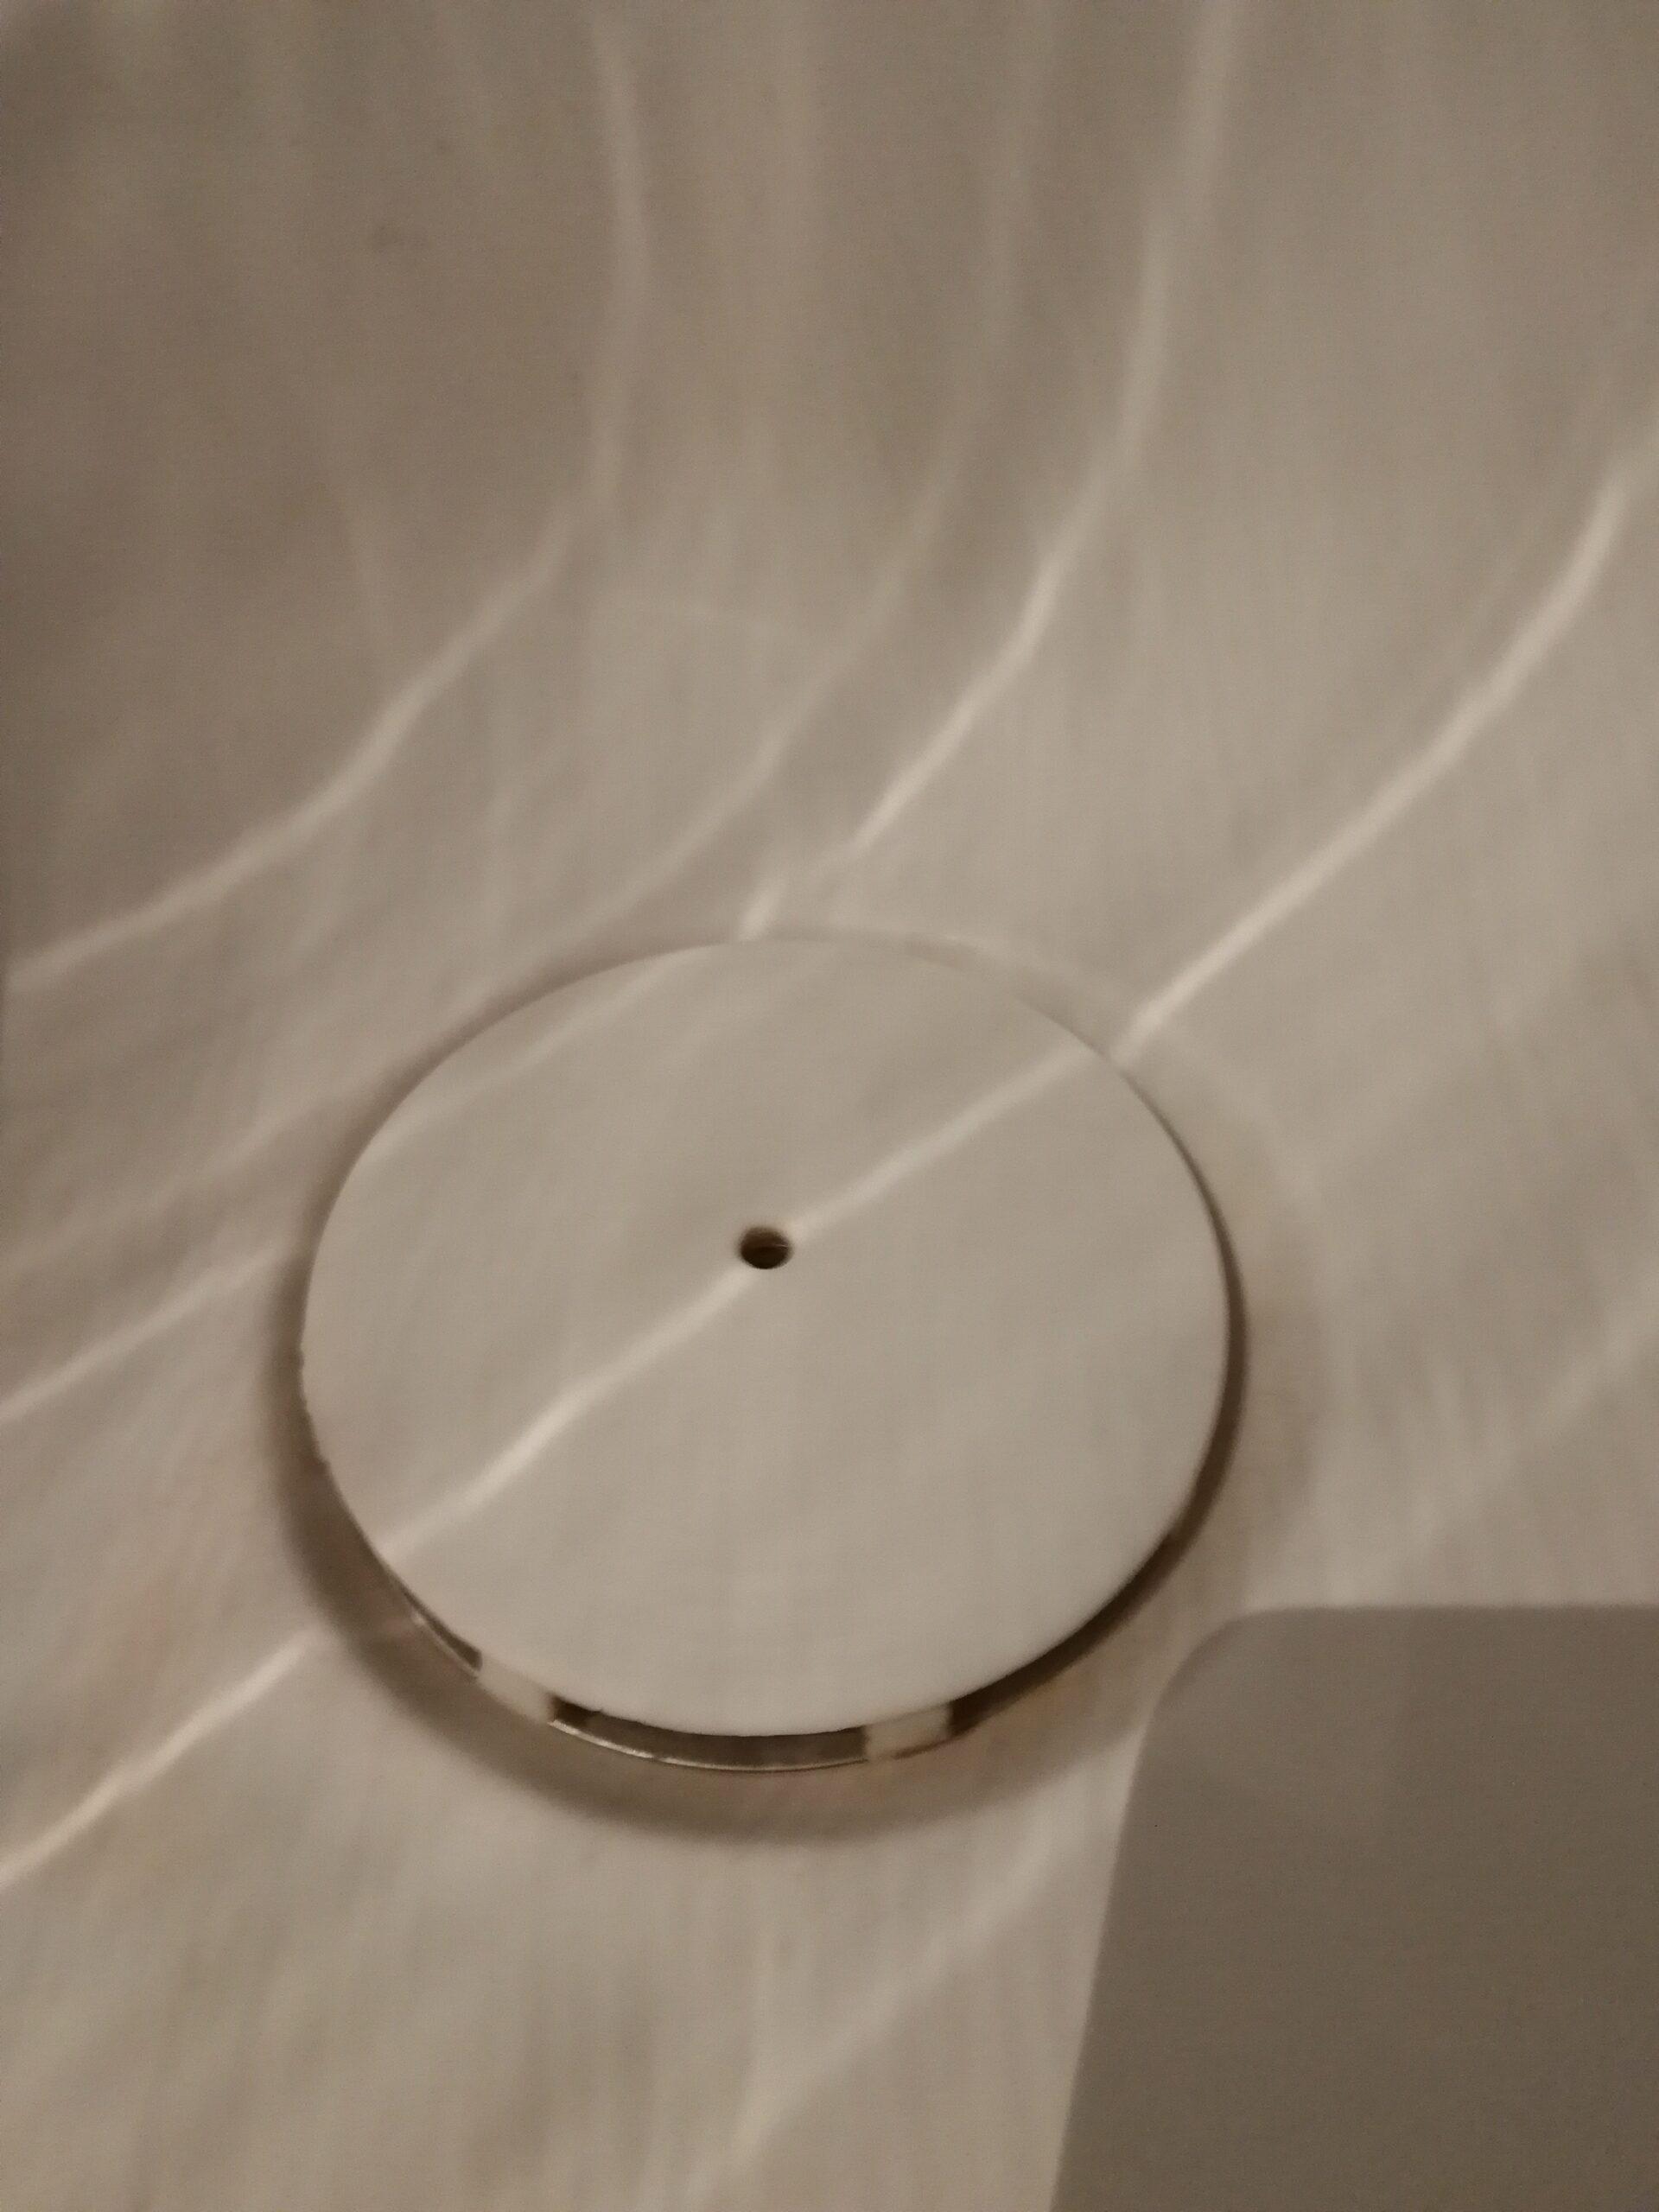 Full Size of Abfluss Deckel Fr Dusche Cover For The Drain Of A Shower By Walk In Ebenerdige Kosten Behindertengerechte Wand Thermostat Bodengleiche Nachträglich Einbauen Dusche Abfluss Dusche